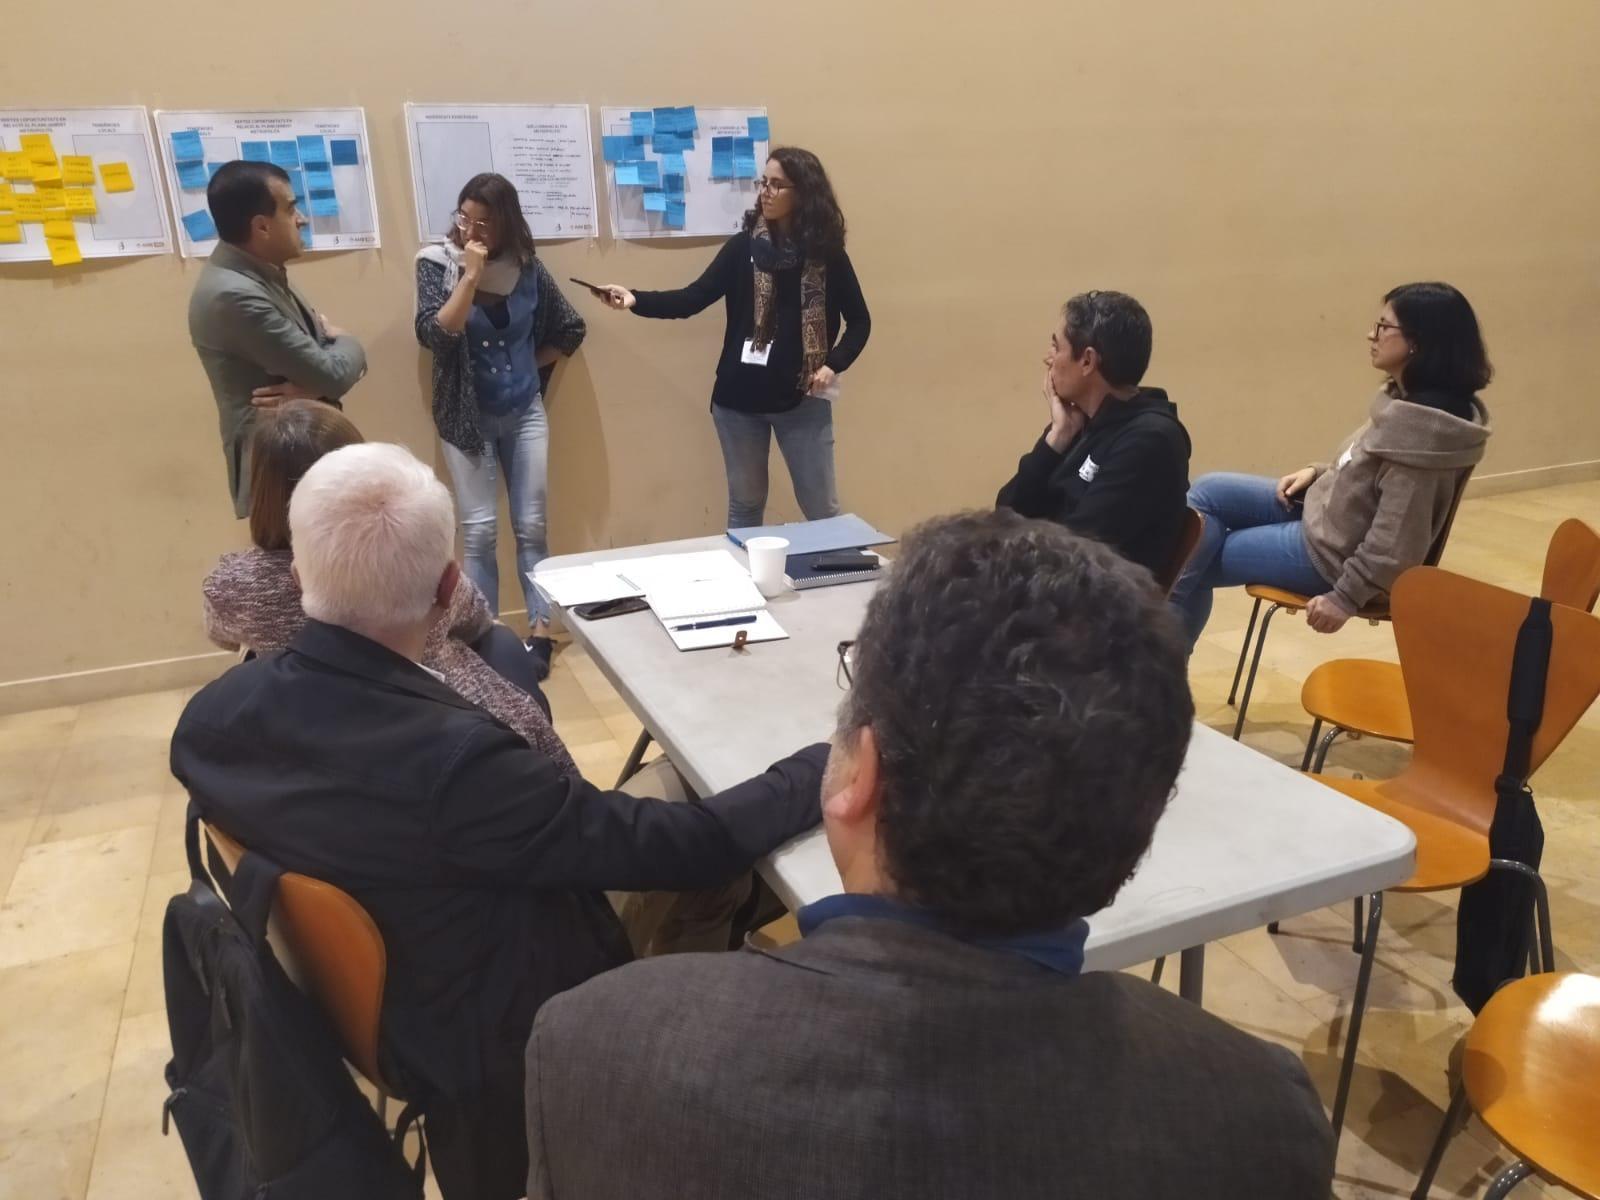 Uno de los grupos explicando las incertidumbres del PDU metropolitano en temas de desarrollo socioeconómico